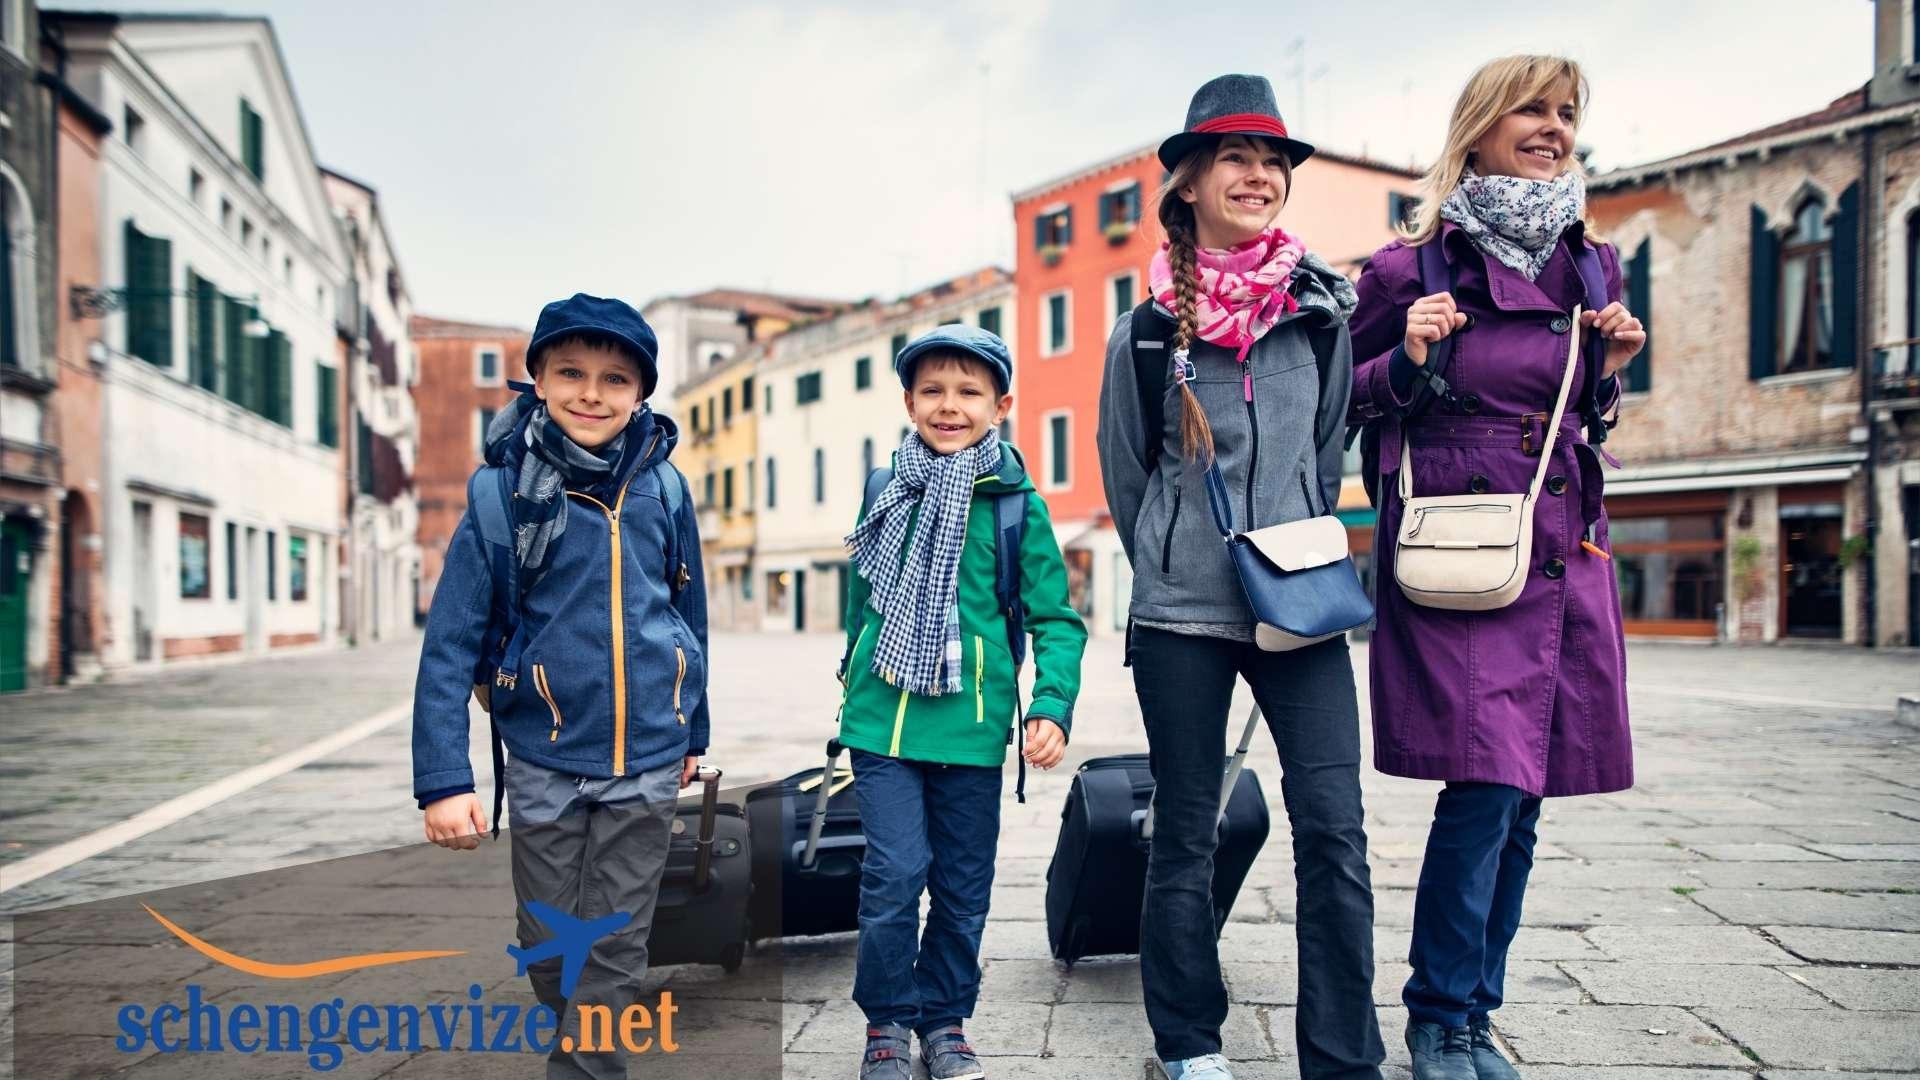 İtalya'daki Akraba ve Arkadaşlar İçin Vize İçin Gerekli Belgeler